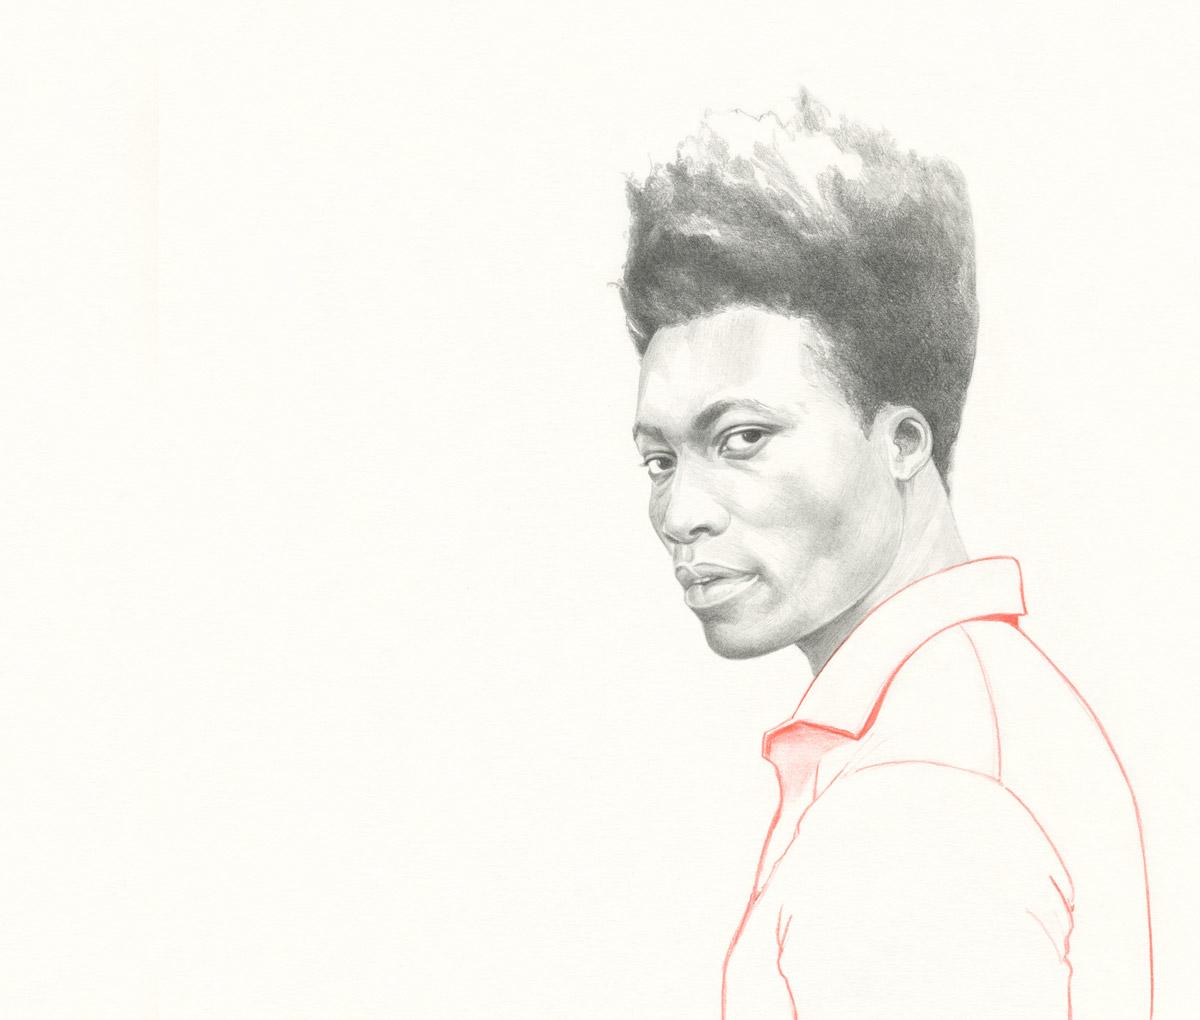 portraits uli knörzer